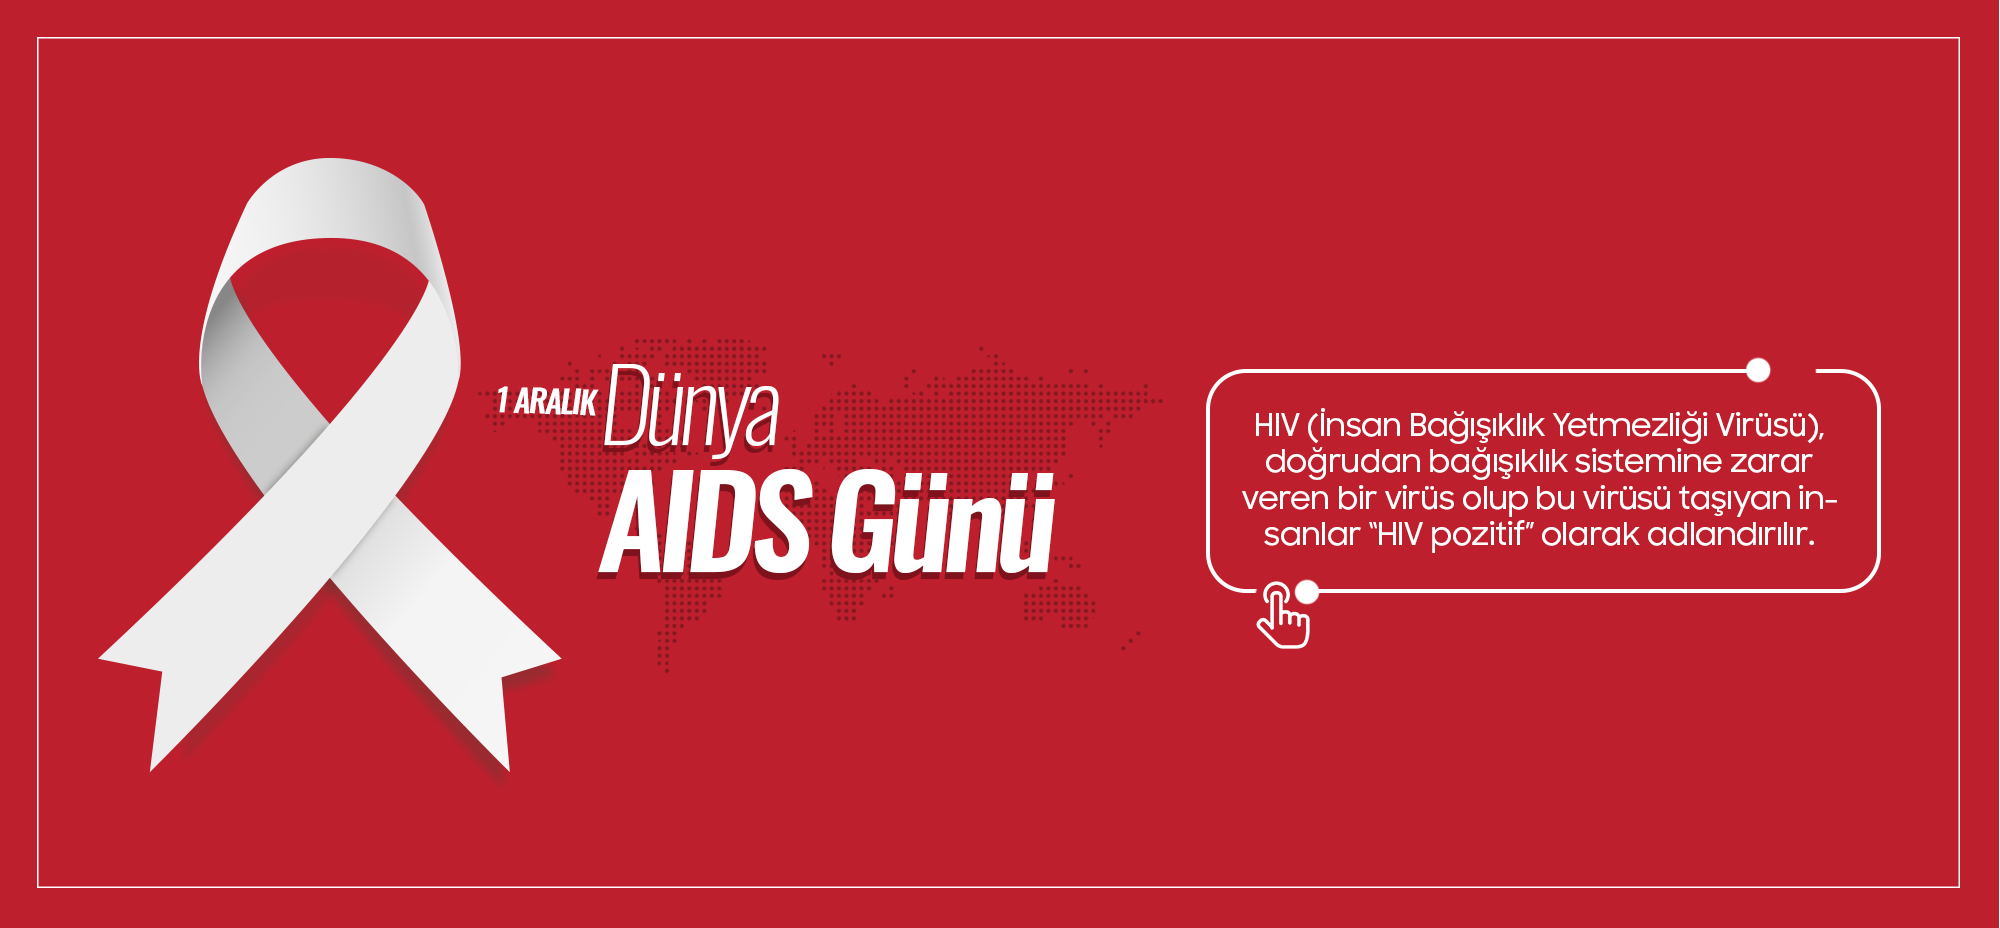 1 Aralık Dünya HIV/AIDS Günü